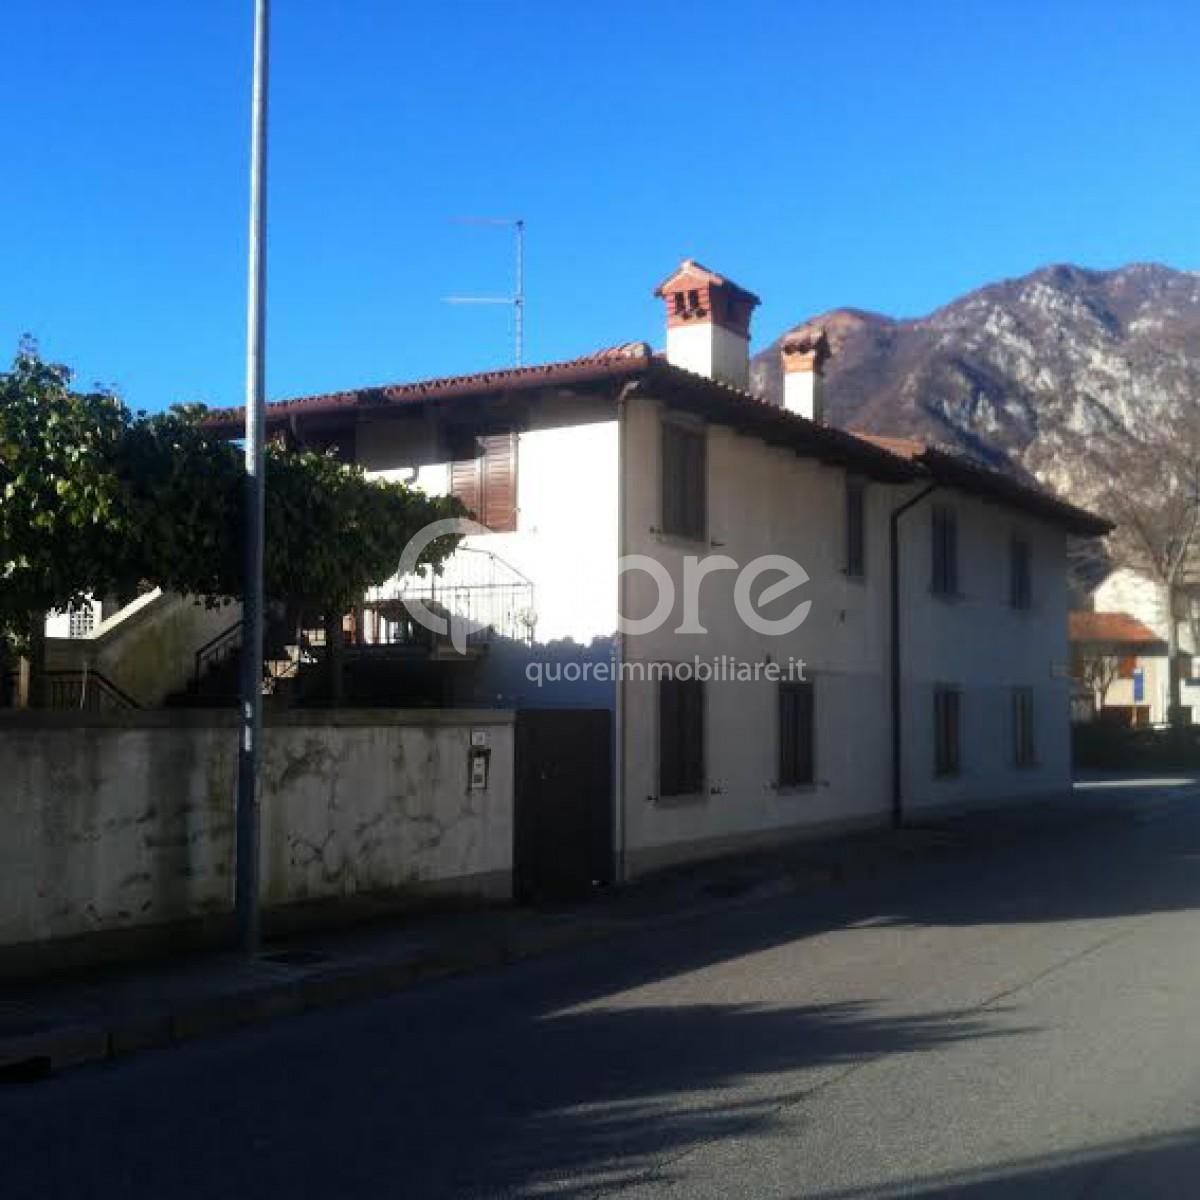 Soluzione Indipendente in vendita a Gemona del Friuli, 6 locali, zona Zona: Ospedaletto, prezzo € 108.000 | CambioCasa.it